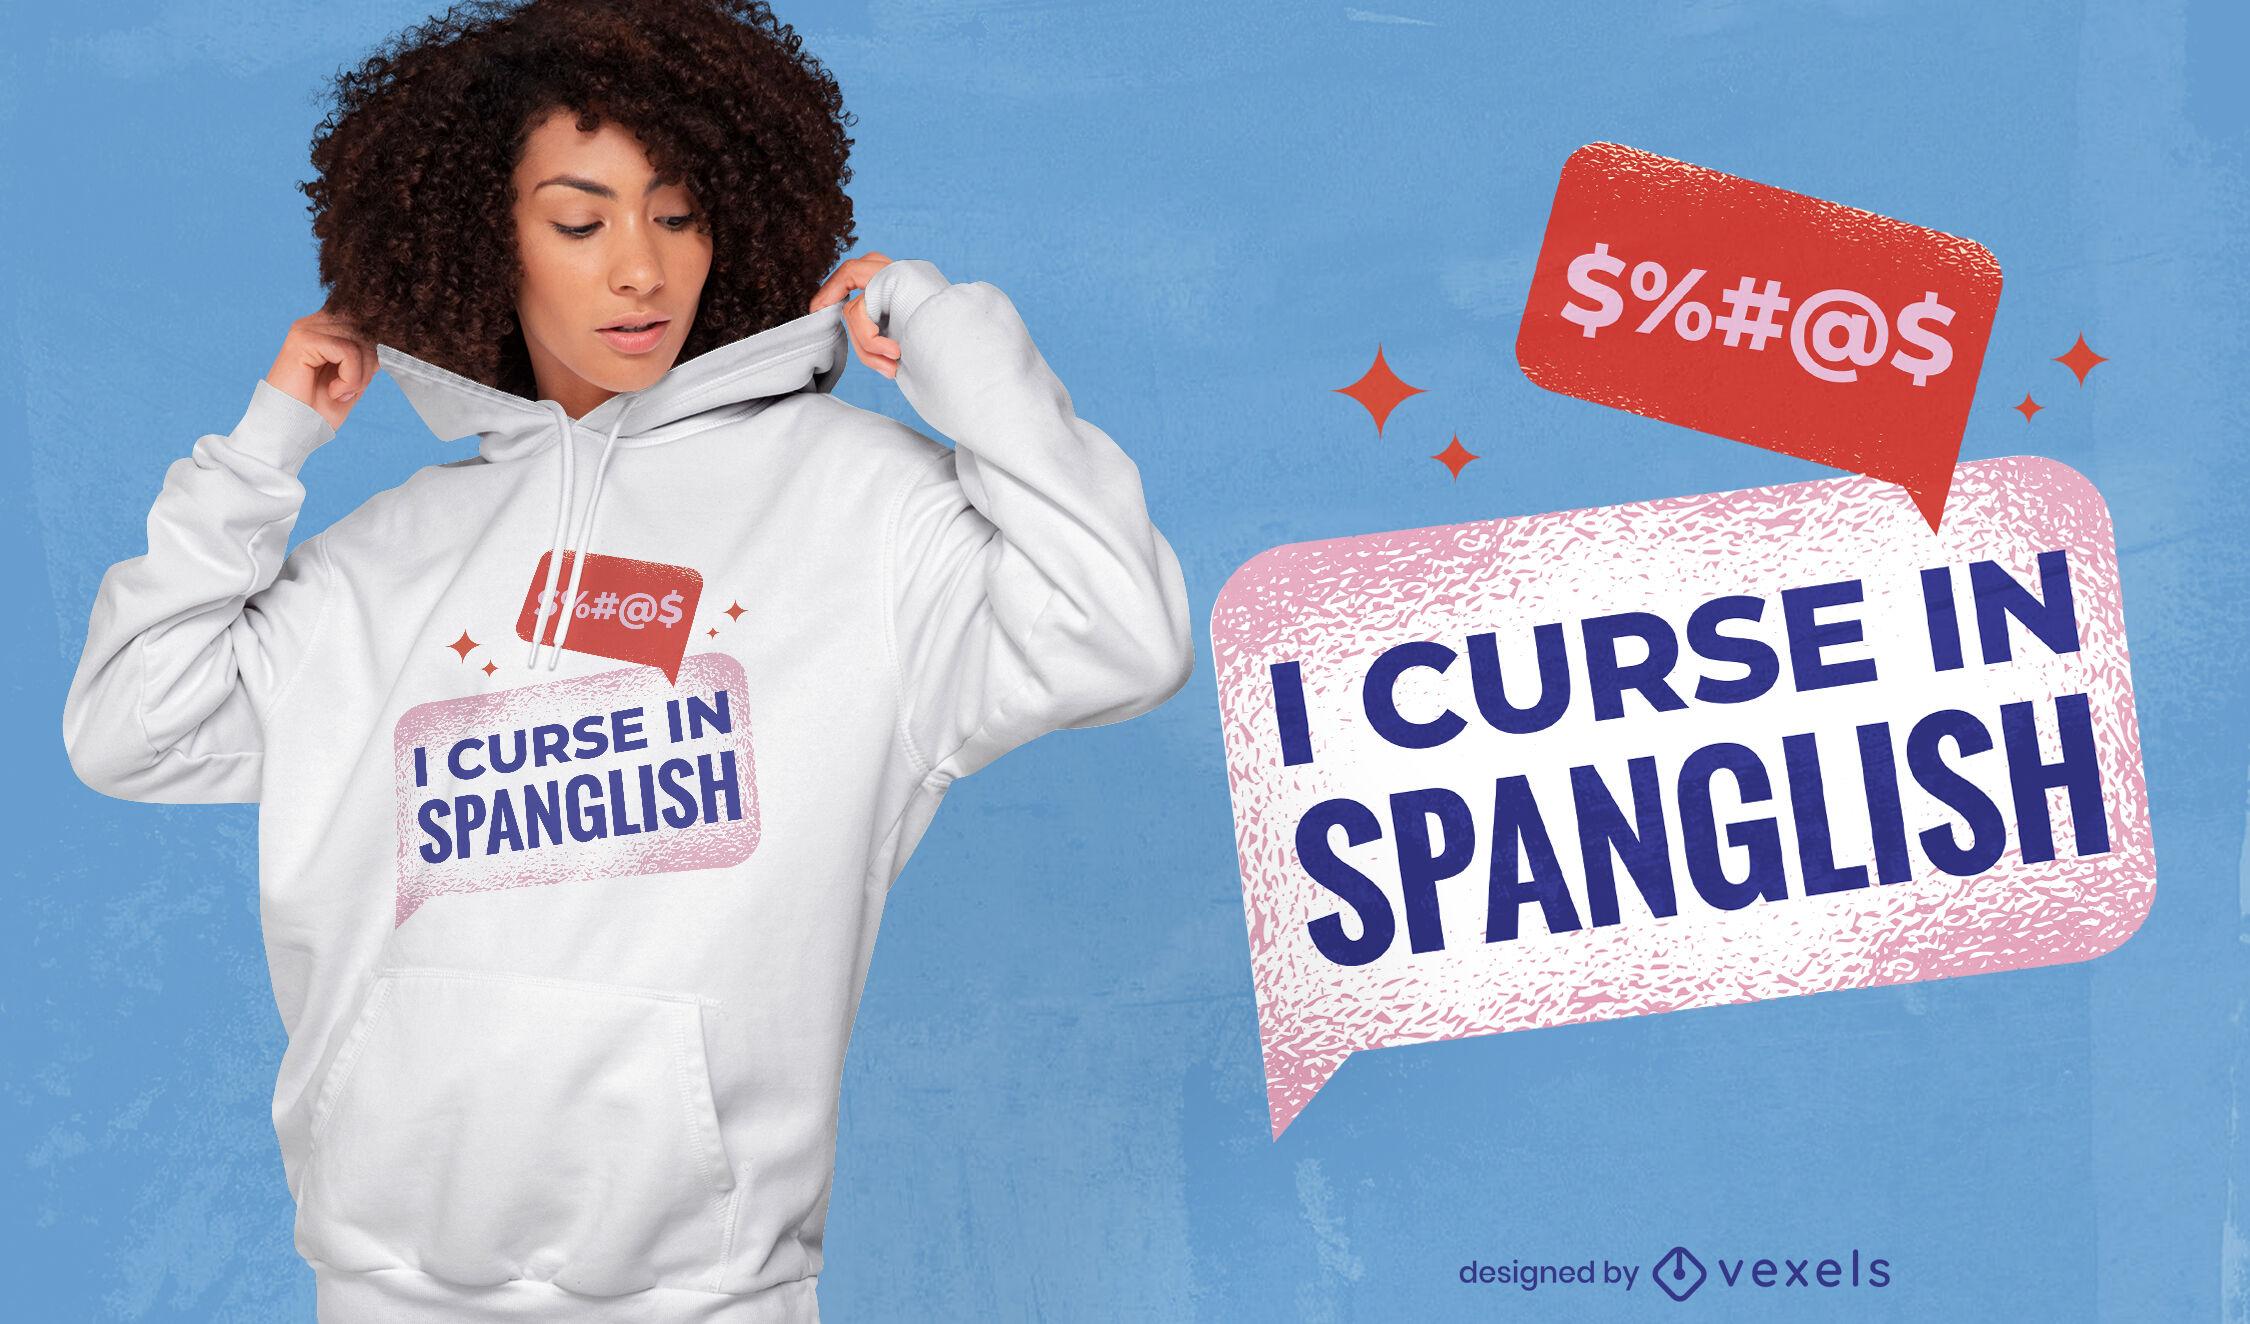 Diseño de camiseta divertida en inglés y español.